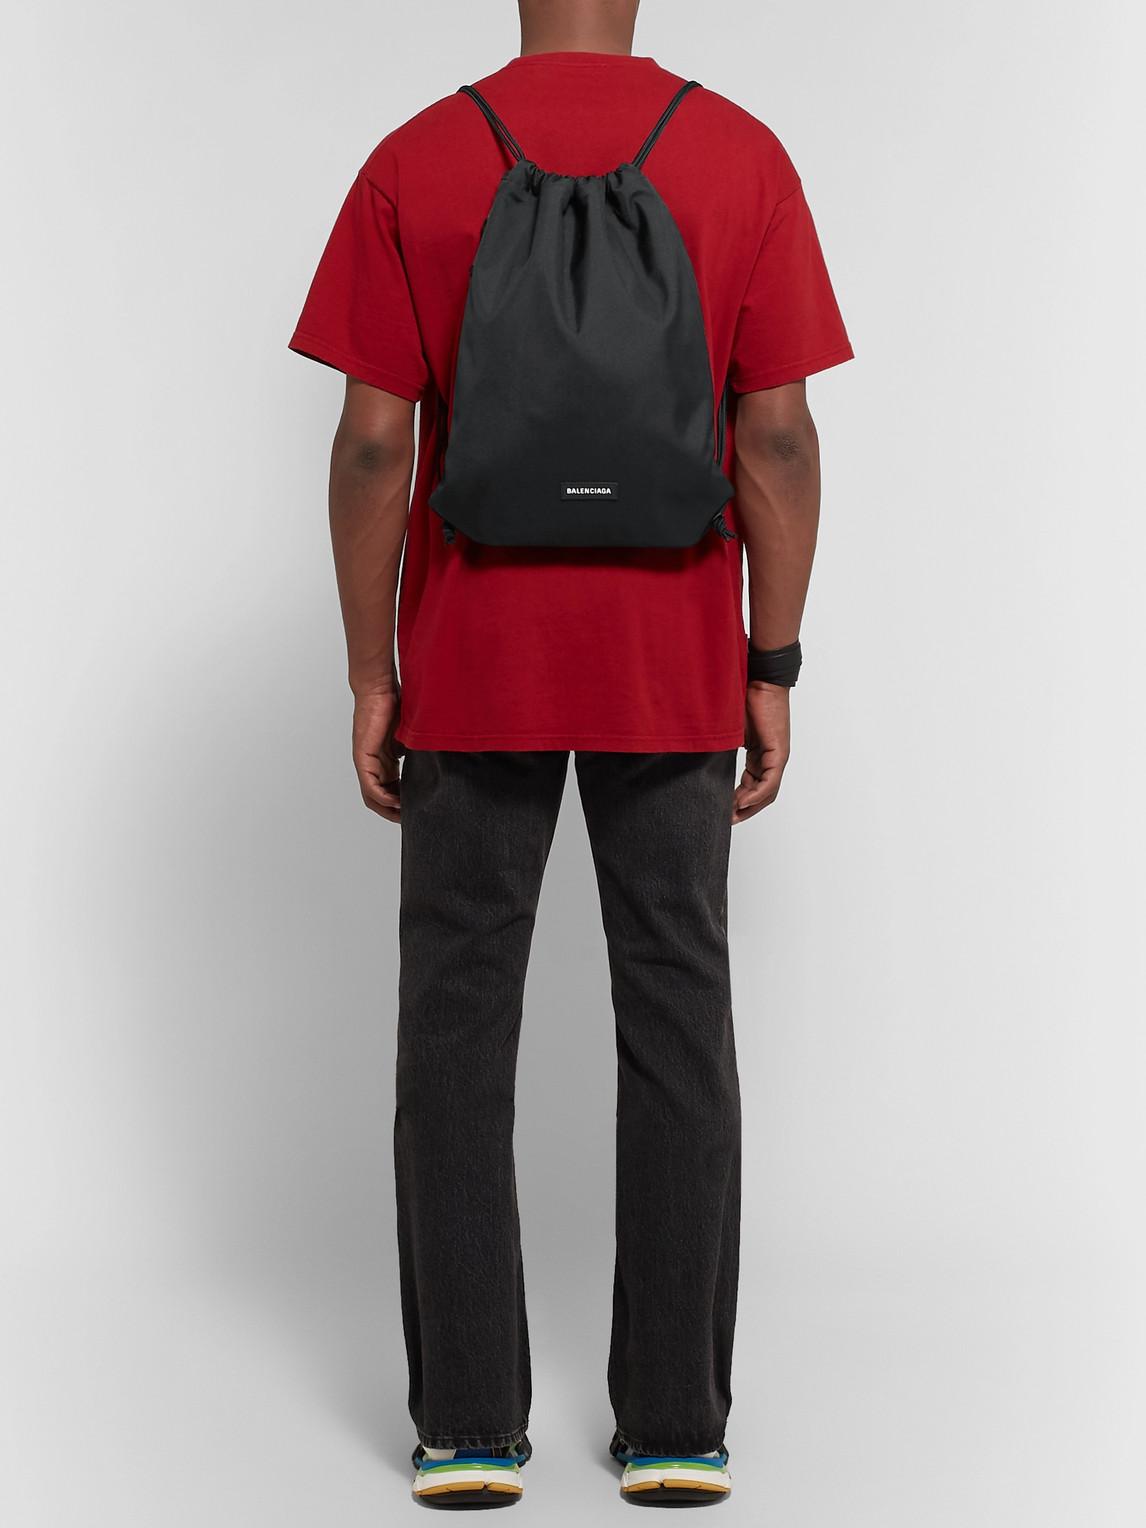 Balenciaga Backpacks EXPLORER CANVAS DRAWSTRING BACKPACK